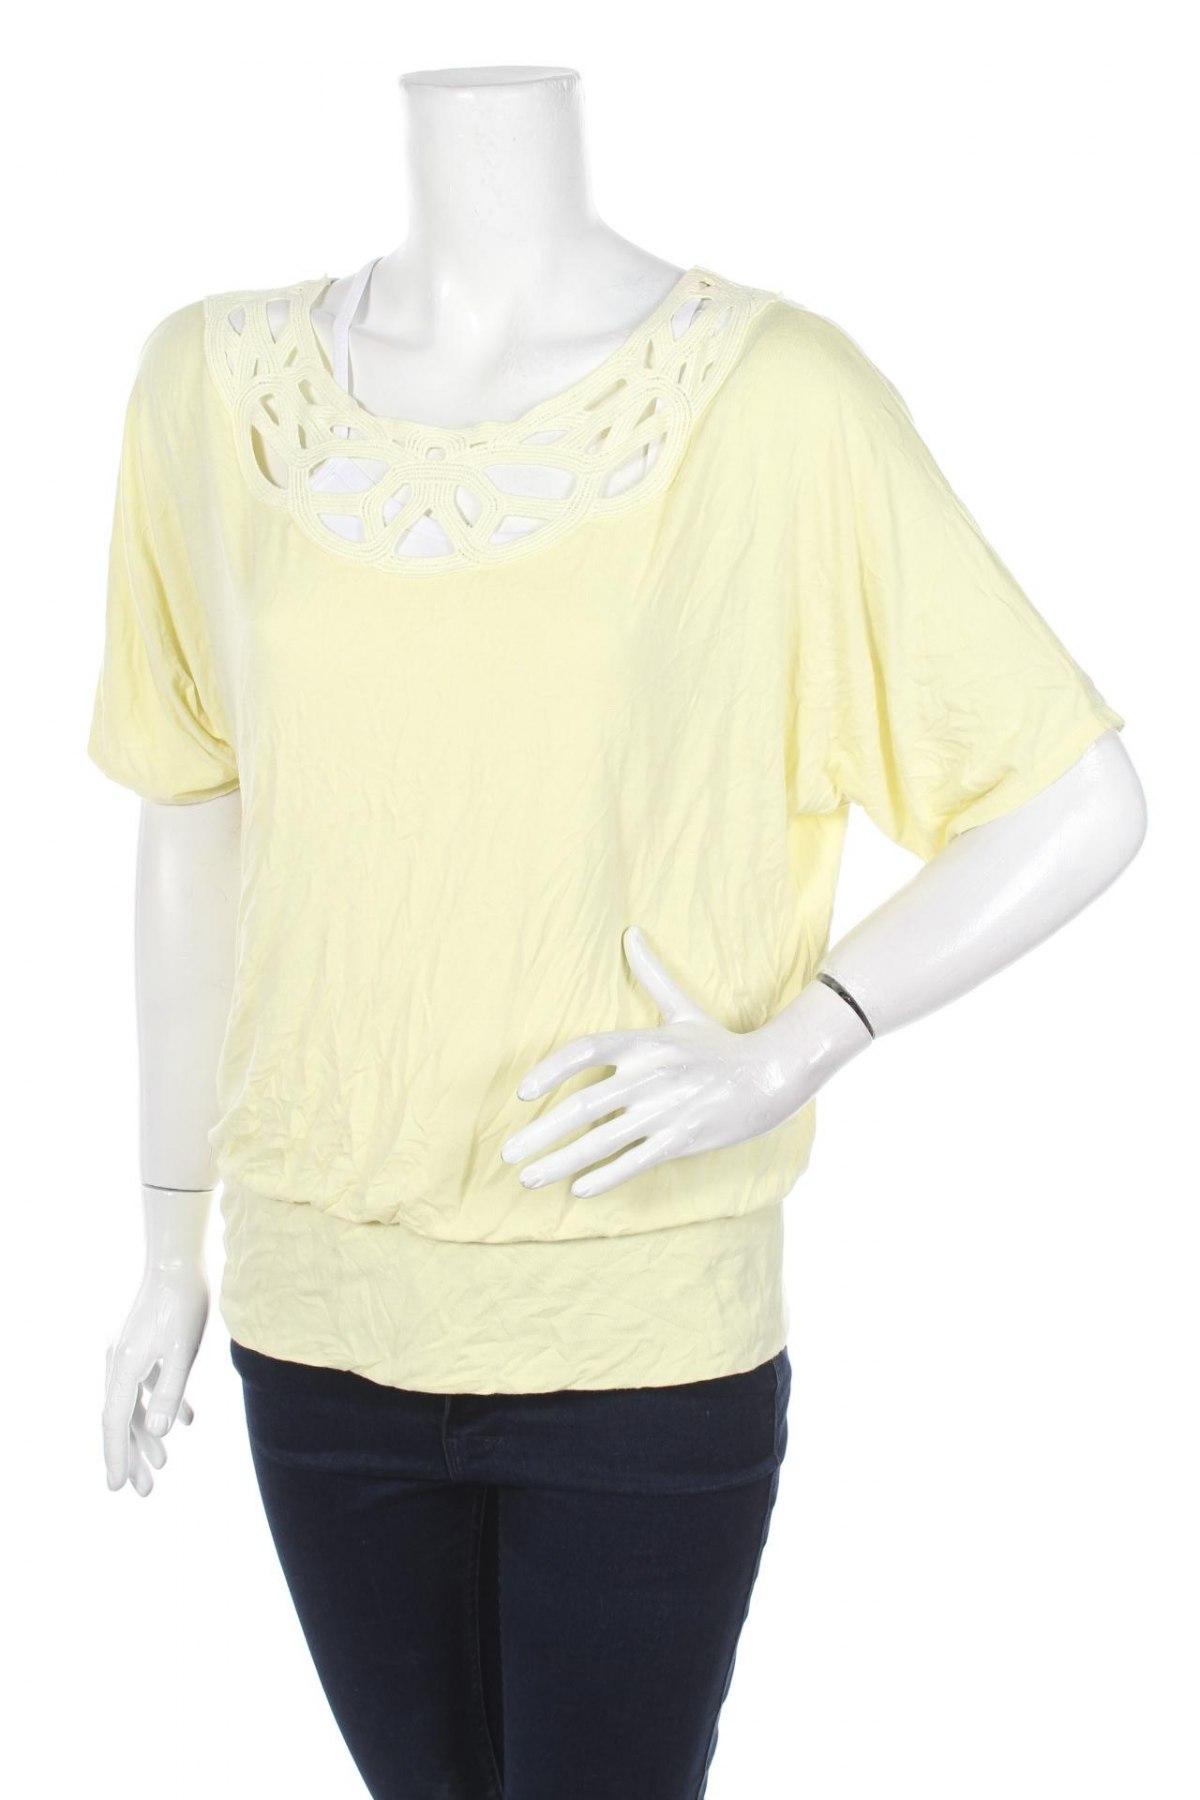 Γυναικεία μπλούζα Ab Studio, Μέγεθος S, Χρώμα Κίτρινο, Τιμή 4,11€